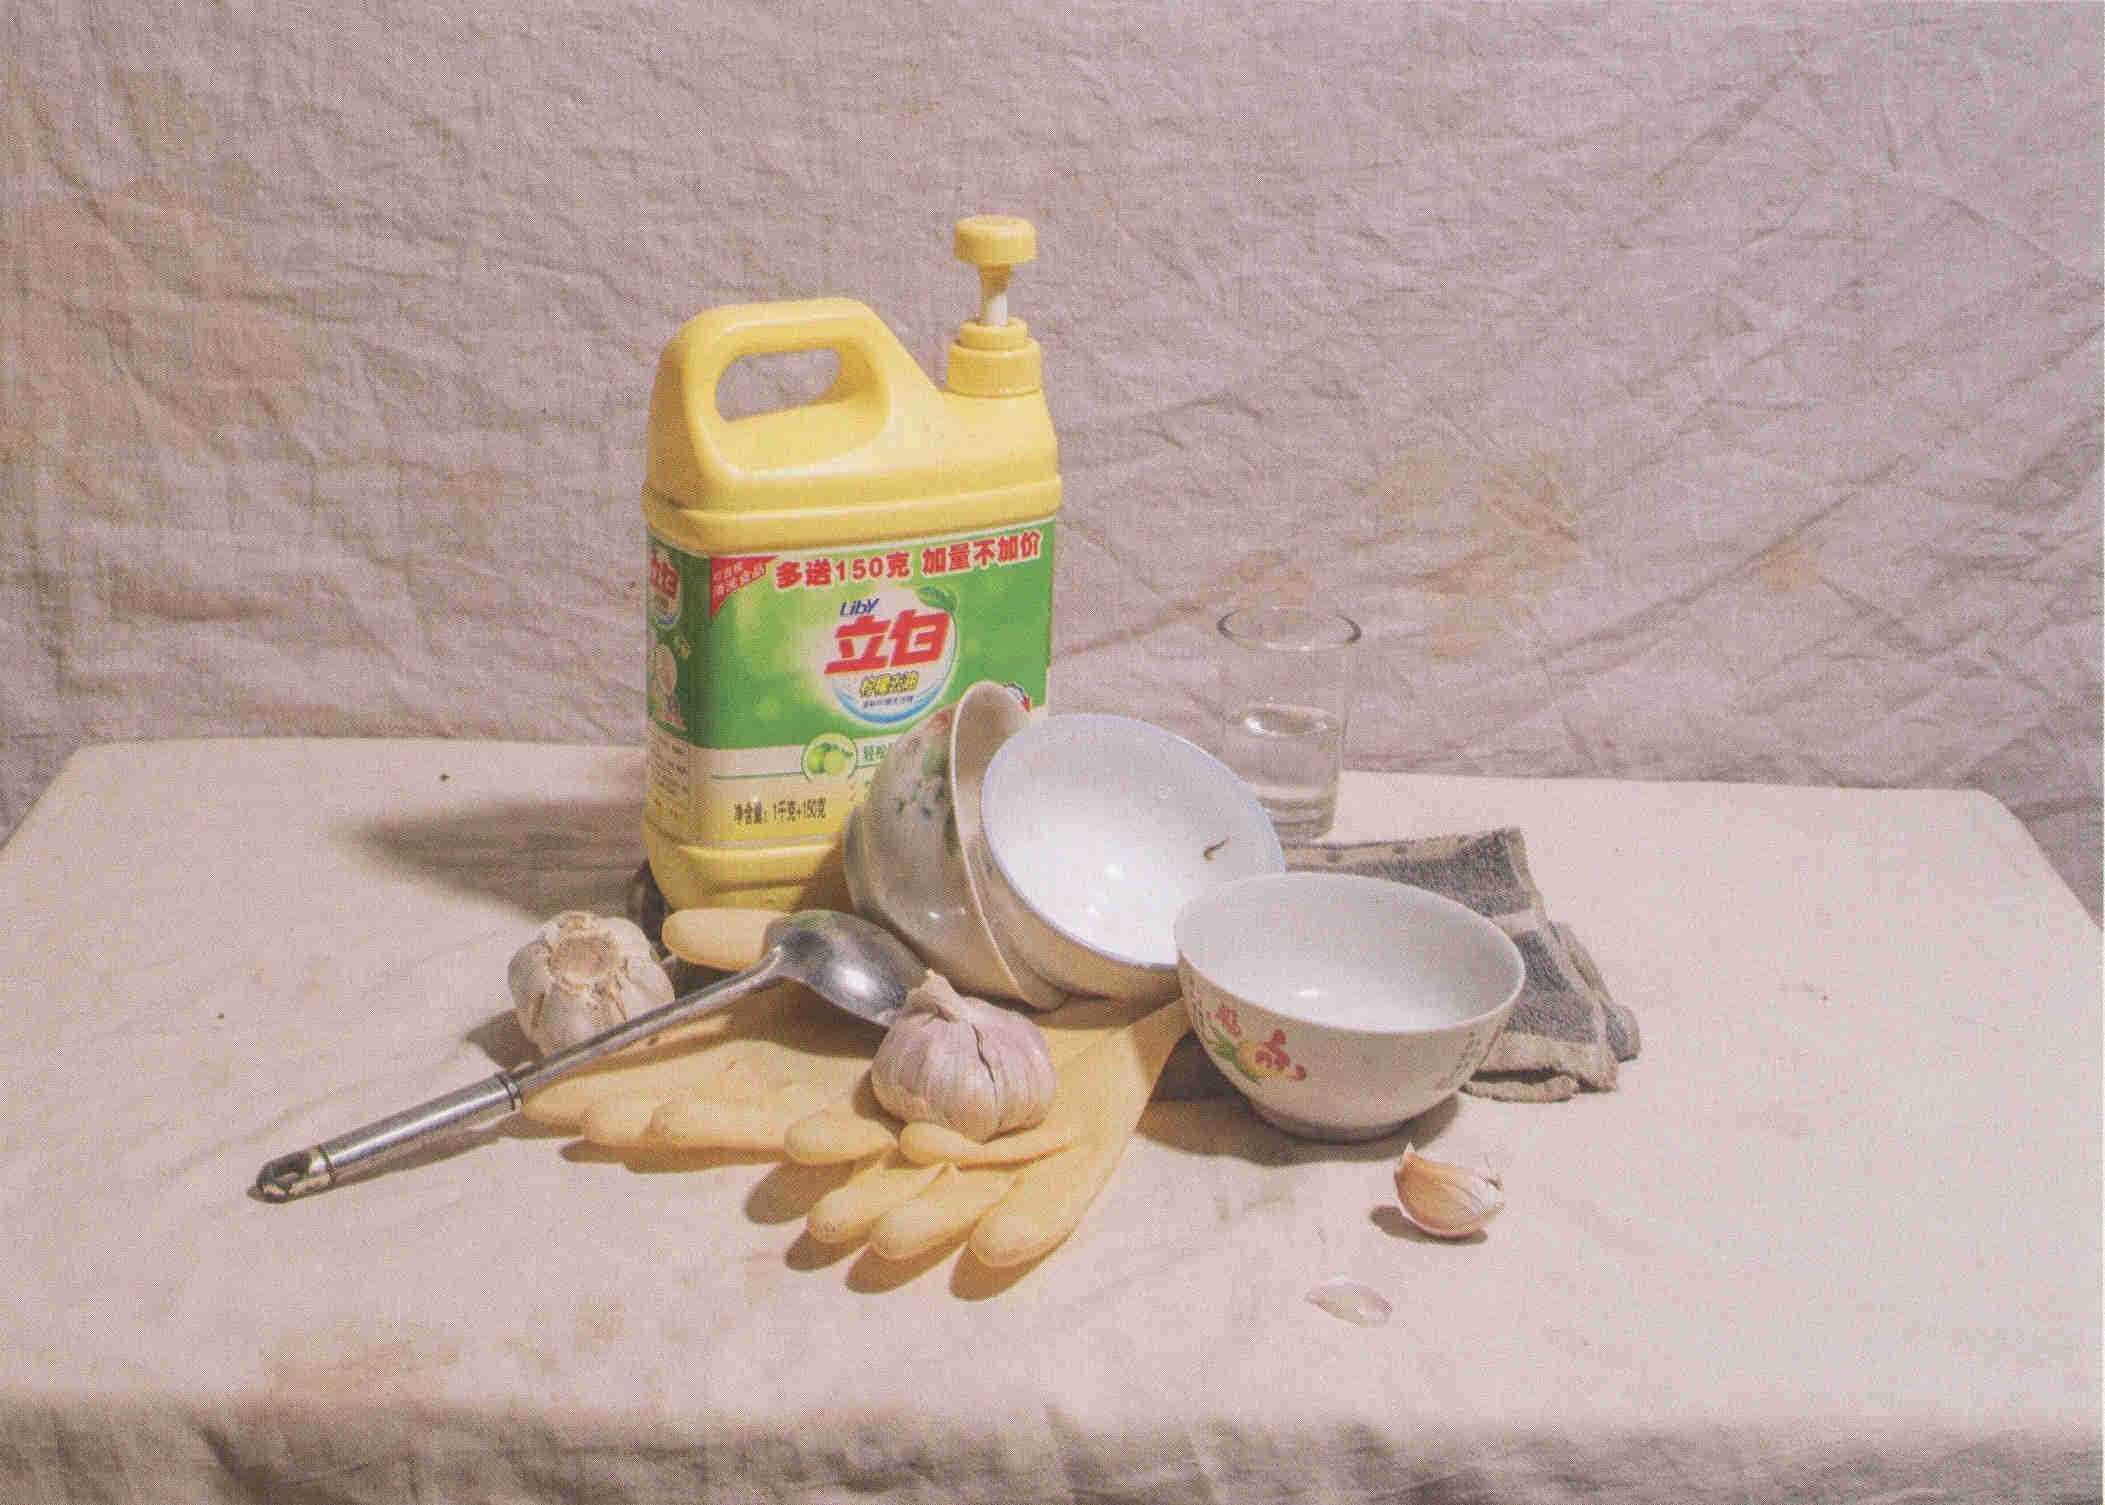 素描静物立白洗衣液瓶子、大蒜碗等组合道具 超清